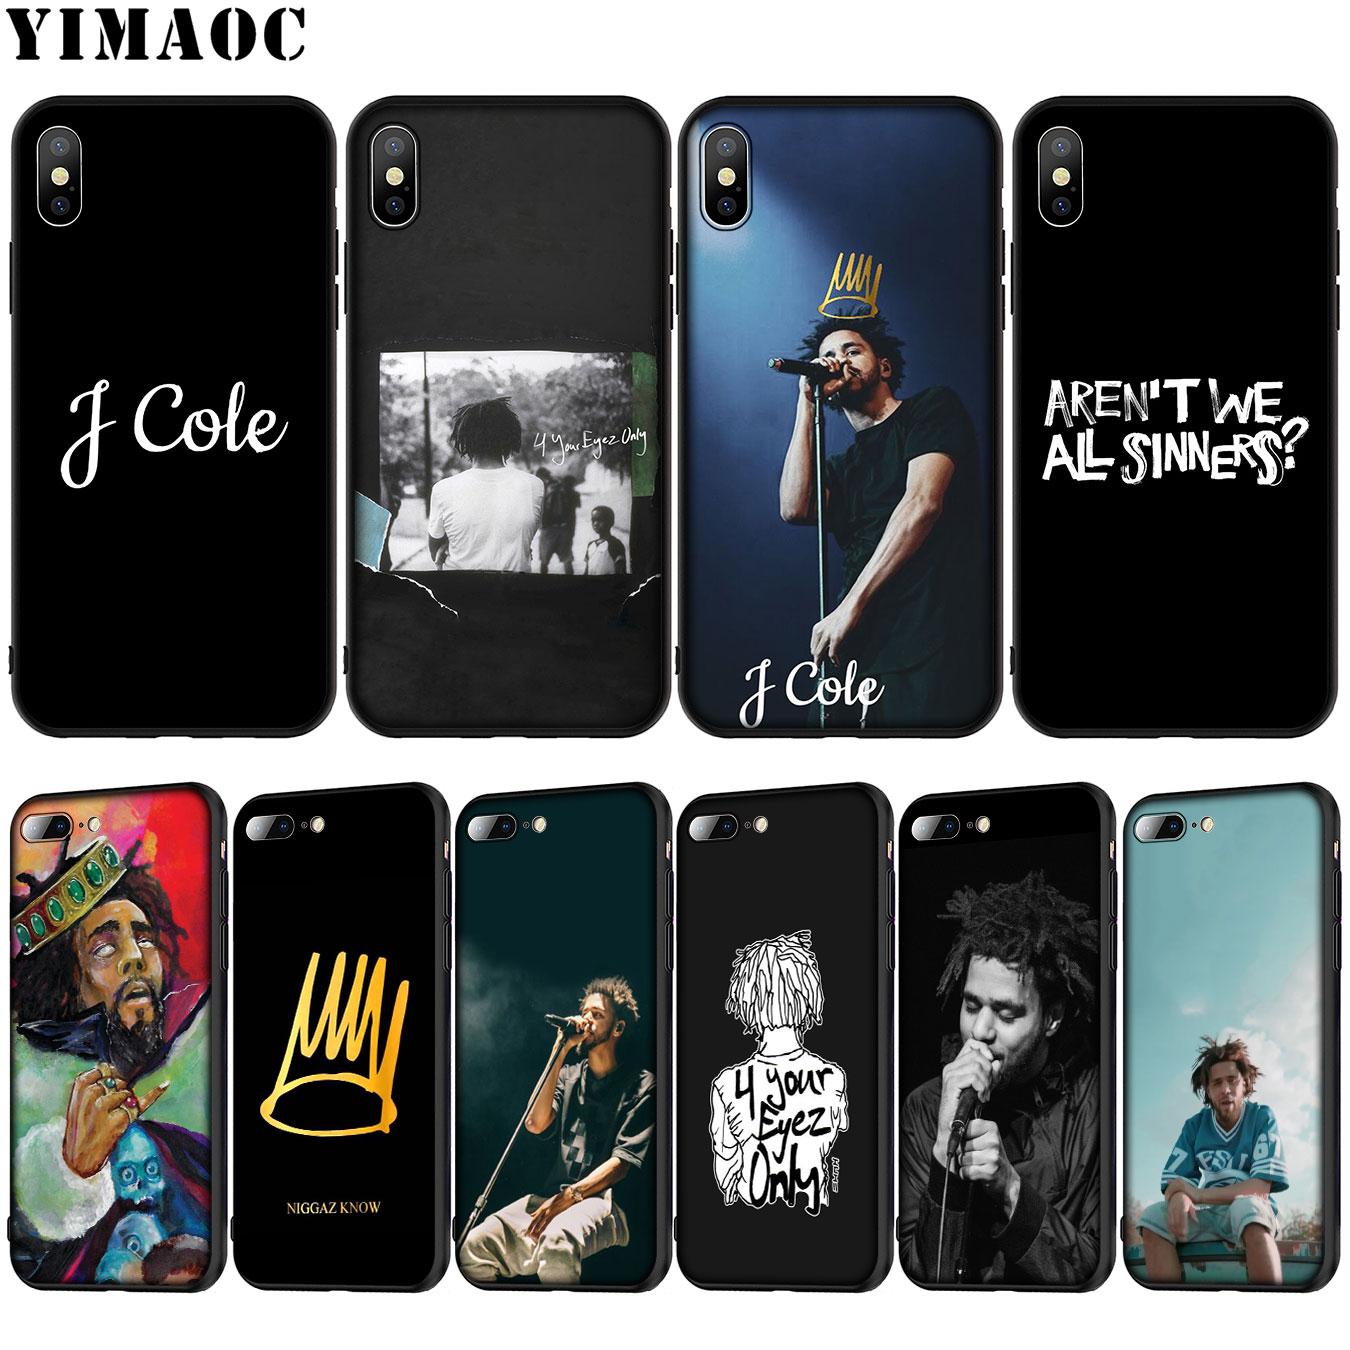 YIMAOC Rap pop j Cole Мягкий силиконовый чехол для телефона iPhone XR X XS Max X 6 6S 7 8 Plus 5 5S SE черный чехол из ТПУ